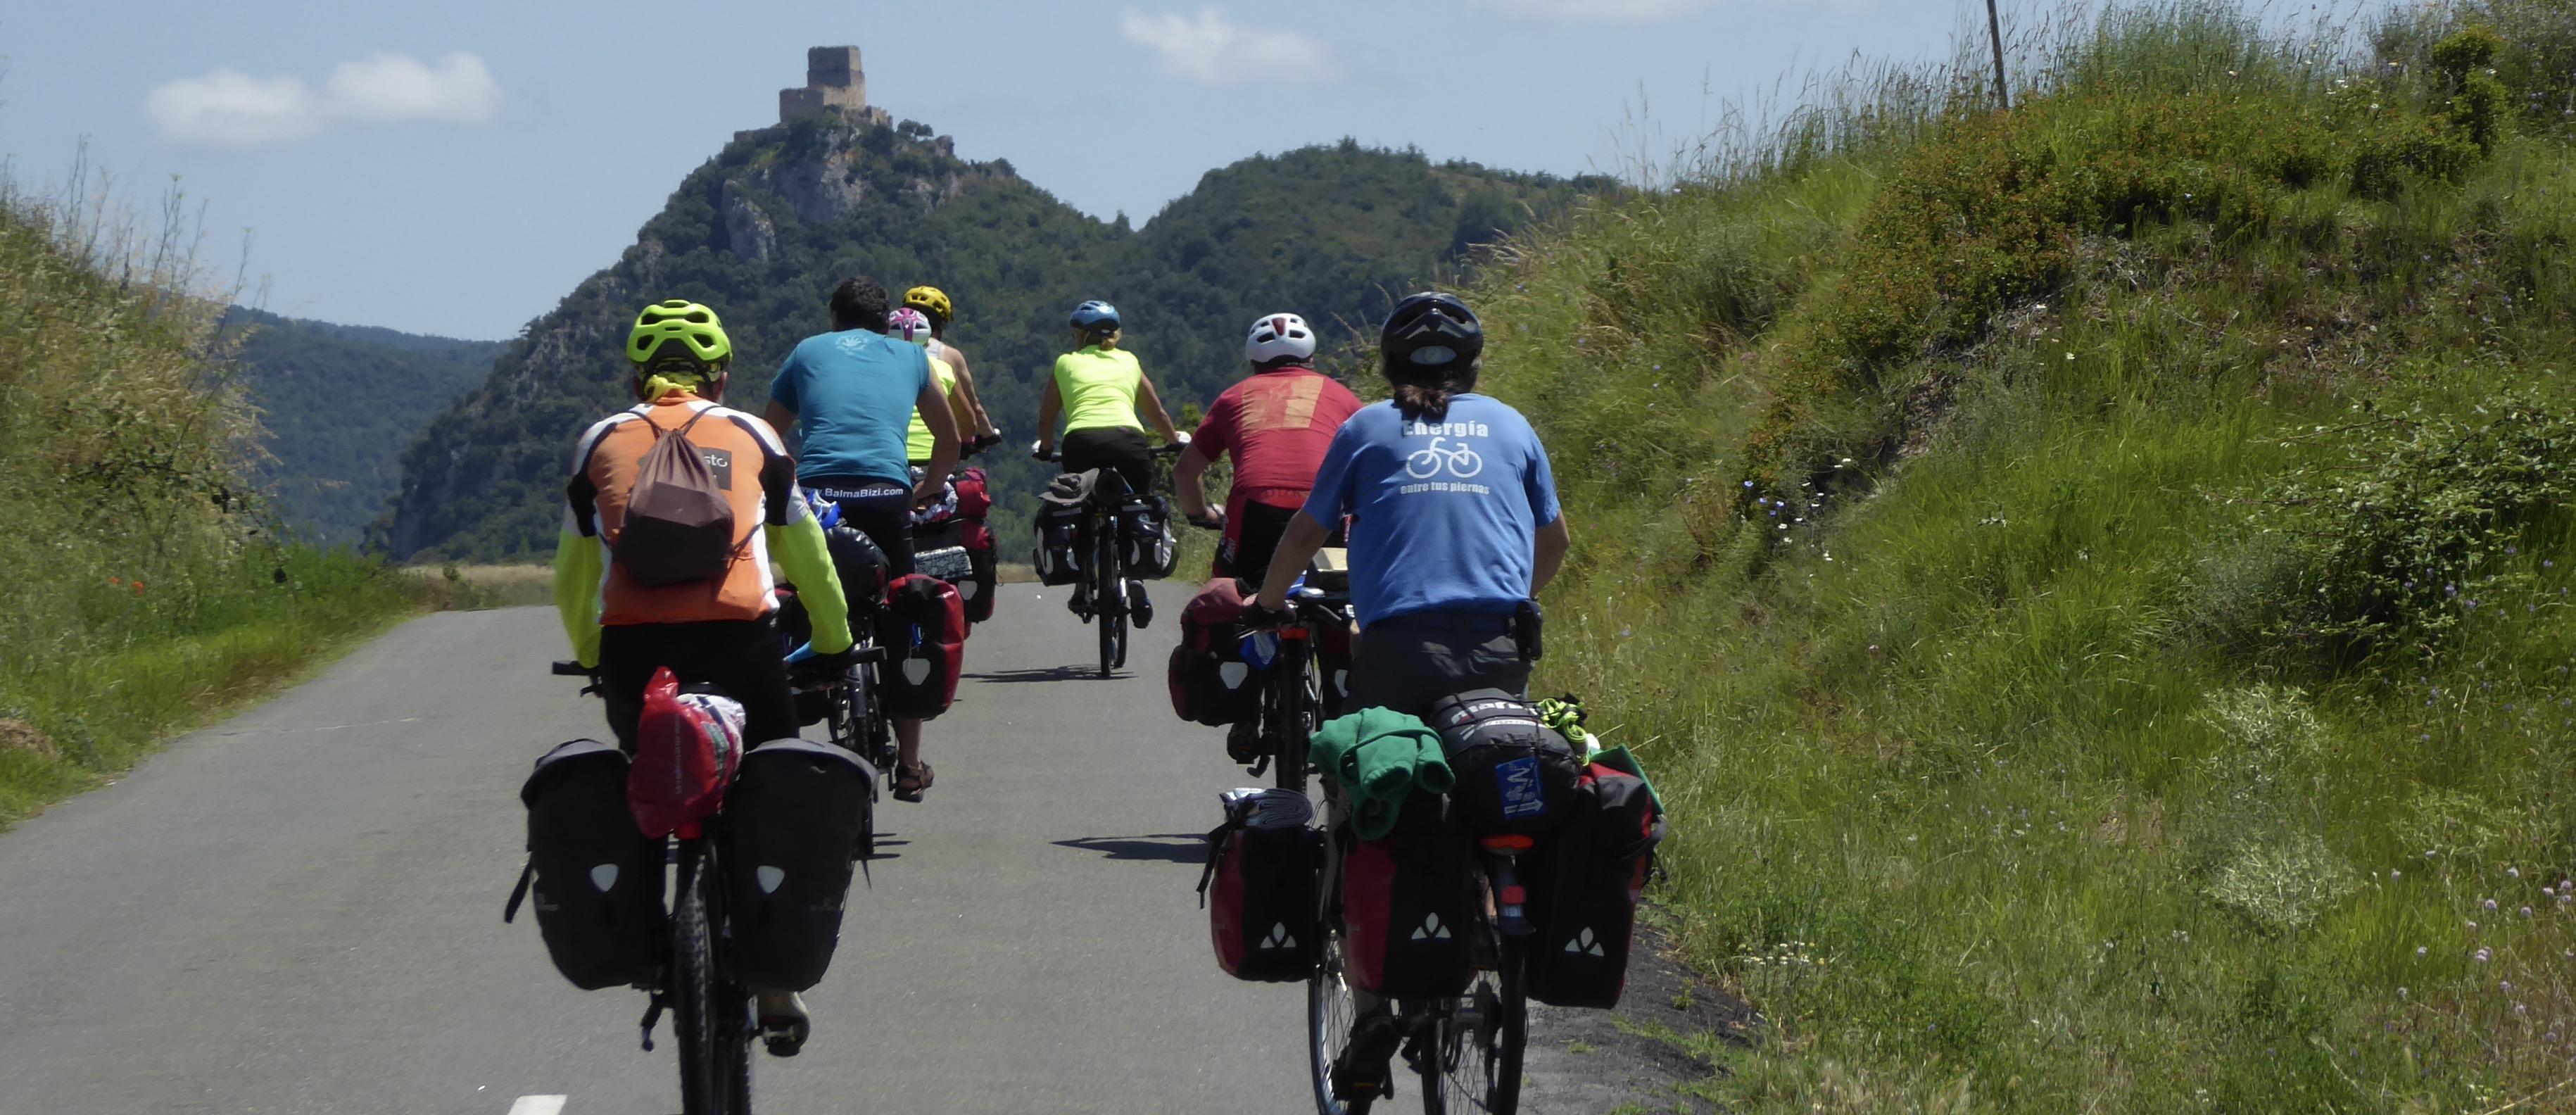 grupo de ciclistas en carretera. Día soleado. Castillo al fondo